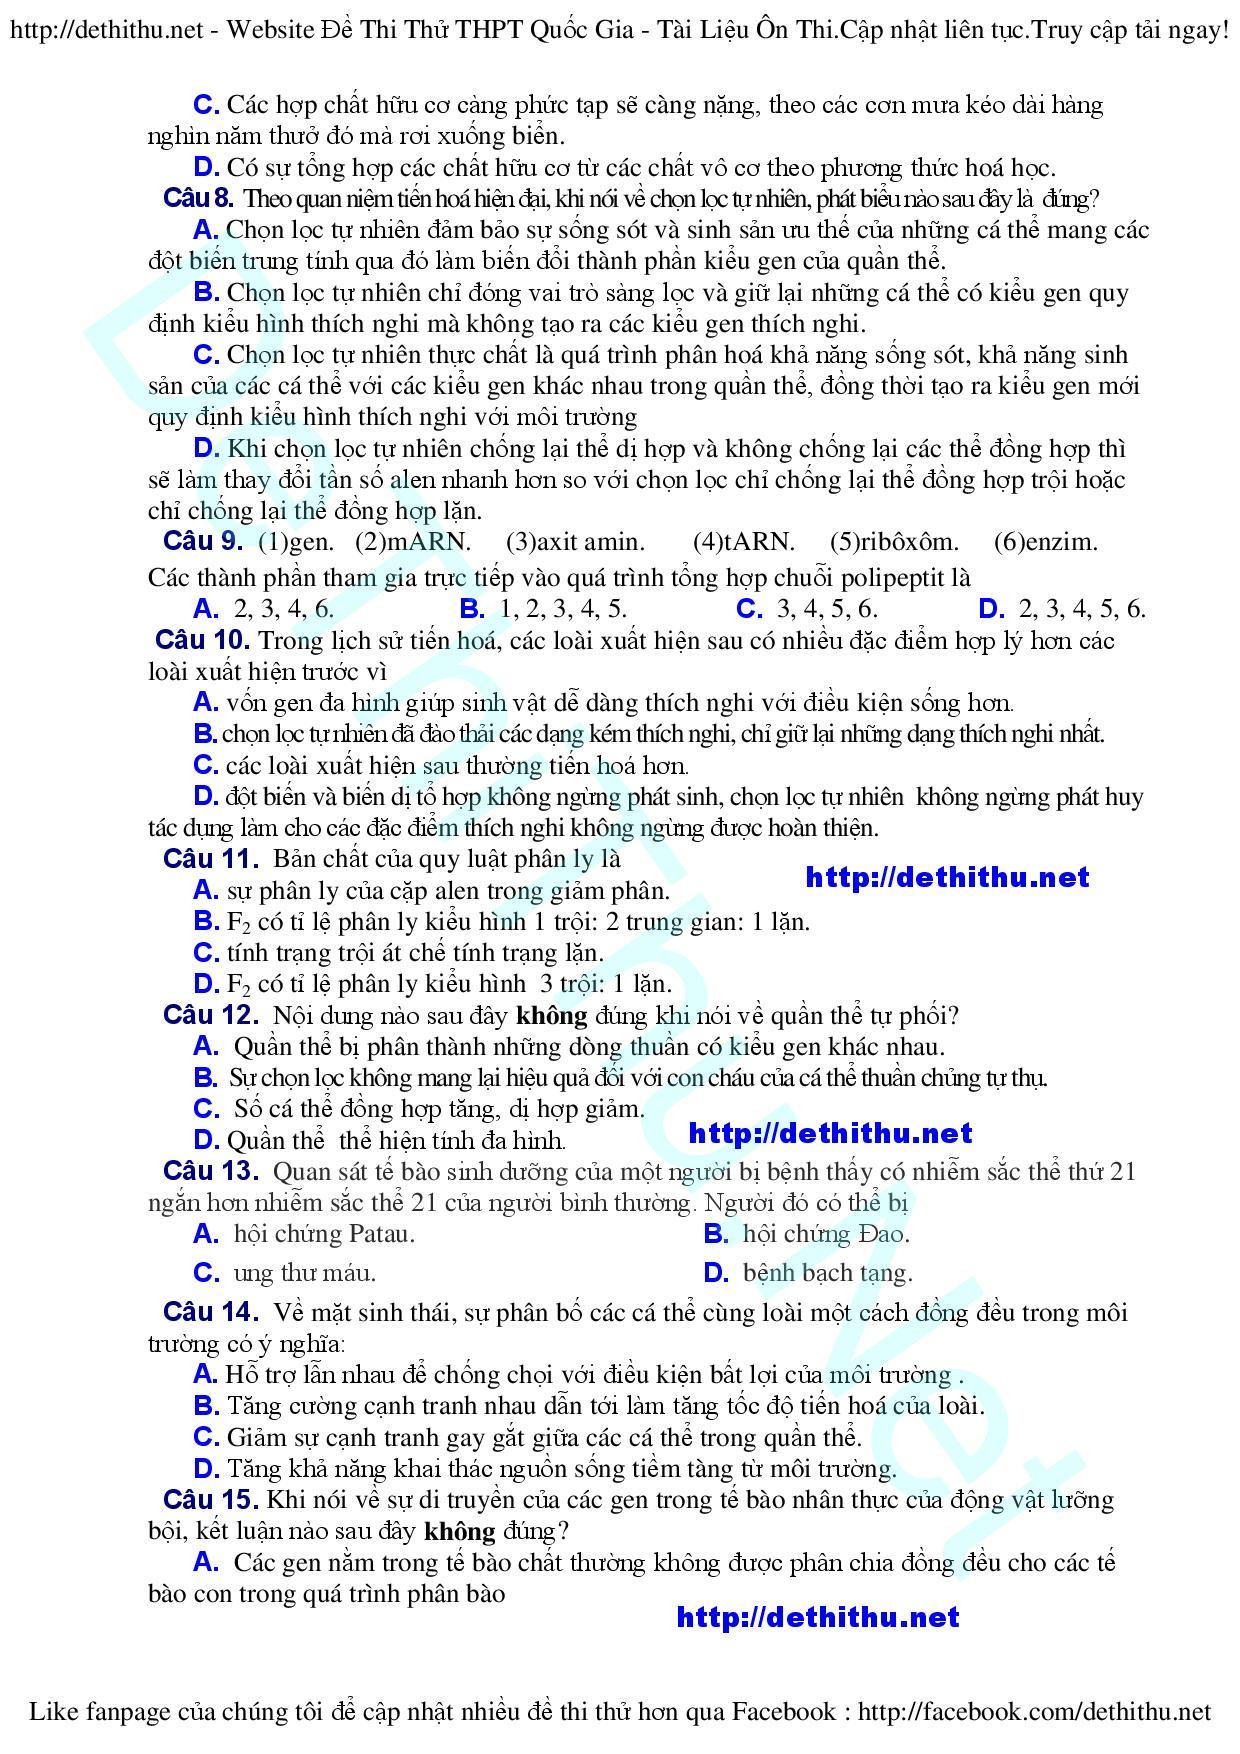 ĐỀ THI THỬ THPT QUỐC GIA MÔN SINH 2016 ĐỀ THI THỬ ĐẠI HỌC MÔN SINH  de thi thu dai hoc mon sinh  Đề thi thử THPT Quốc Gia môn Sinh 2016 sở GD Quảng Nam